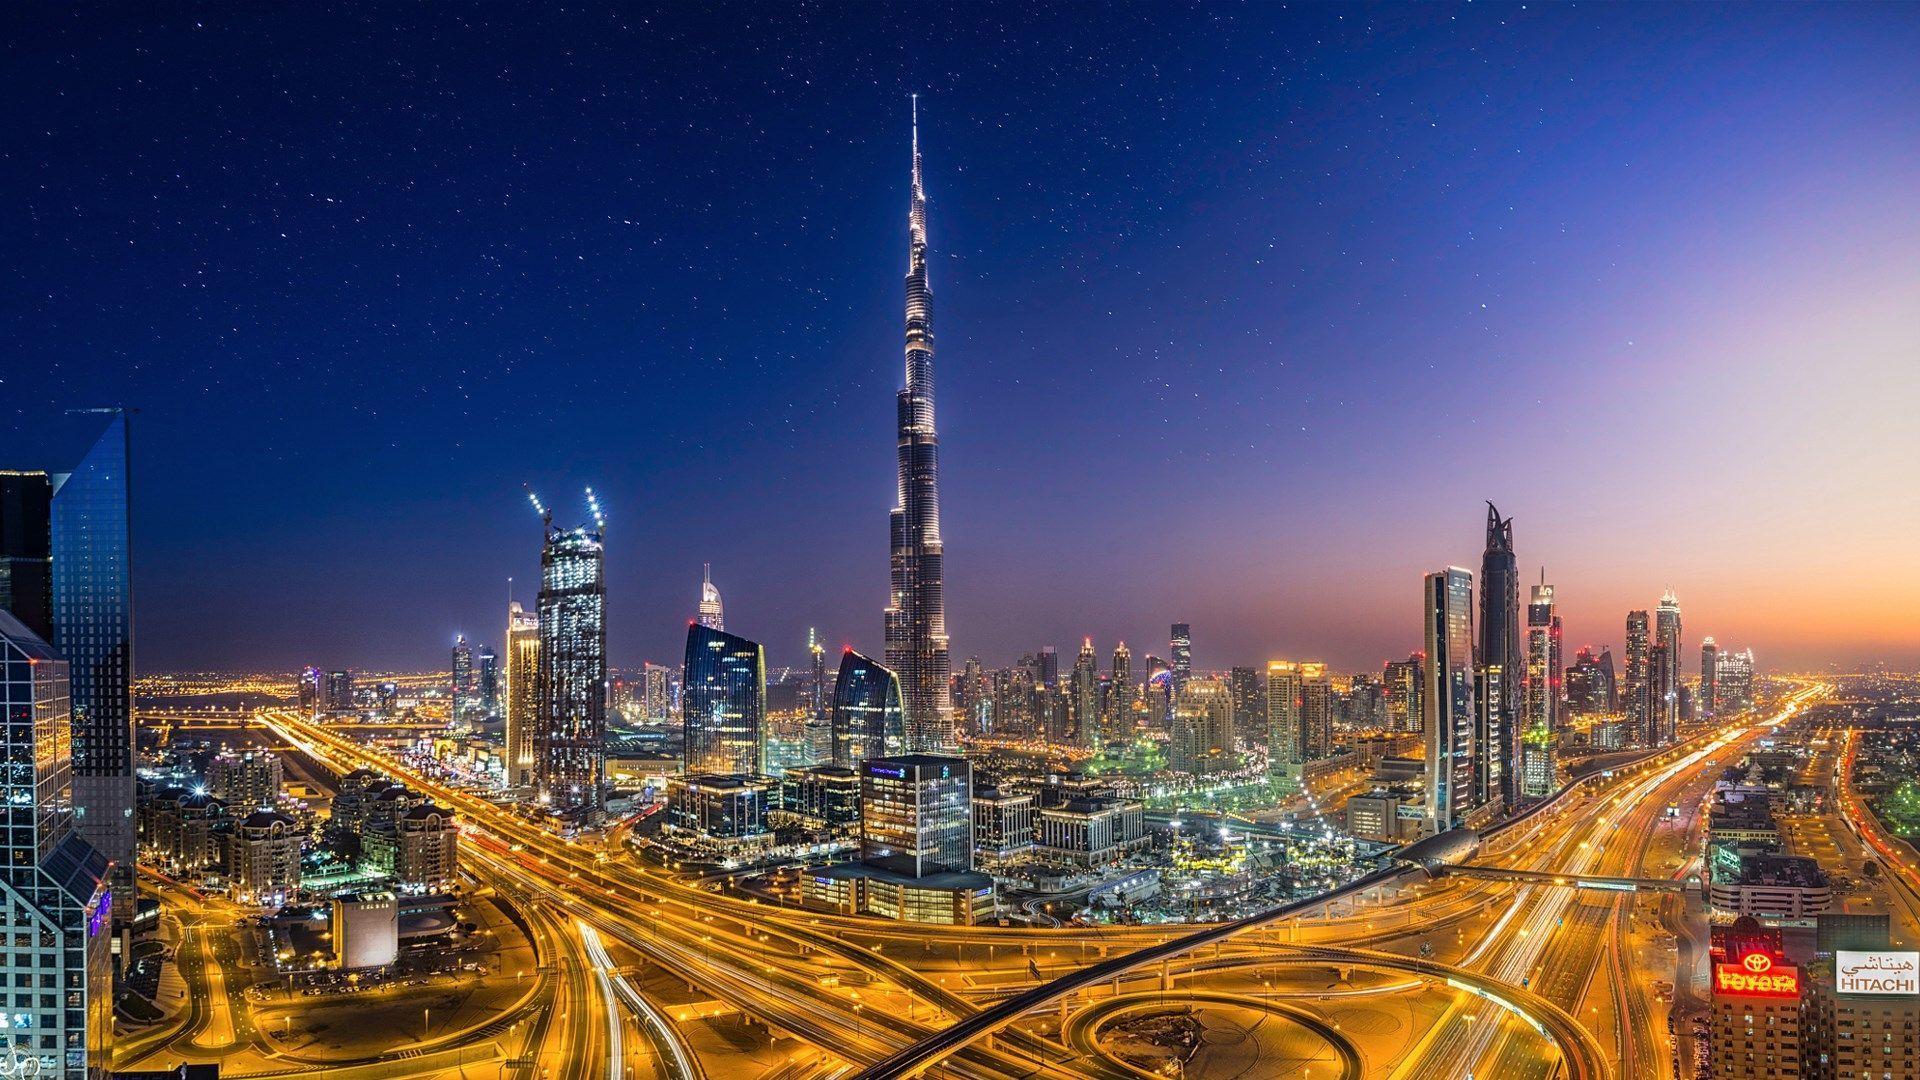 Dubai Night Skyline Wallpapers Top Free Dubai Night